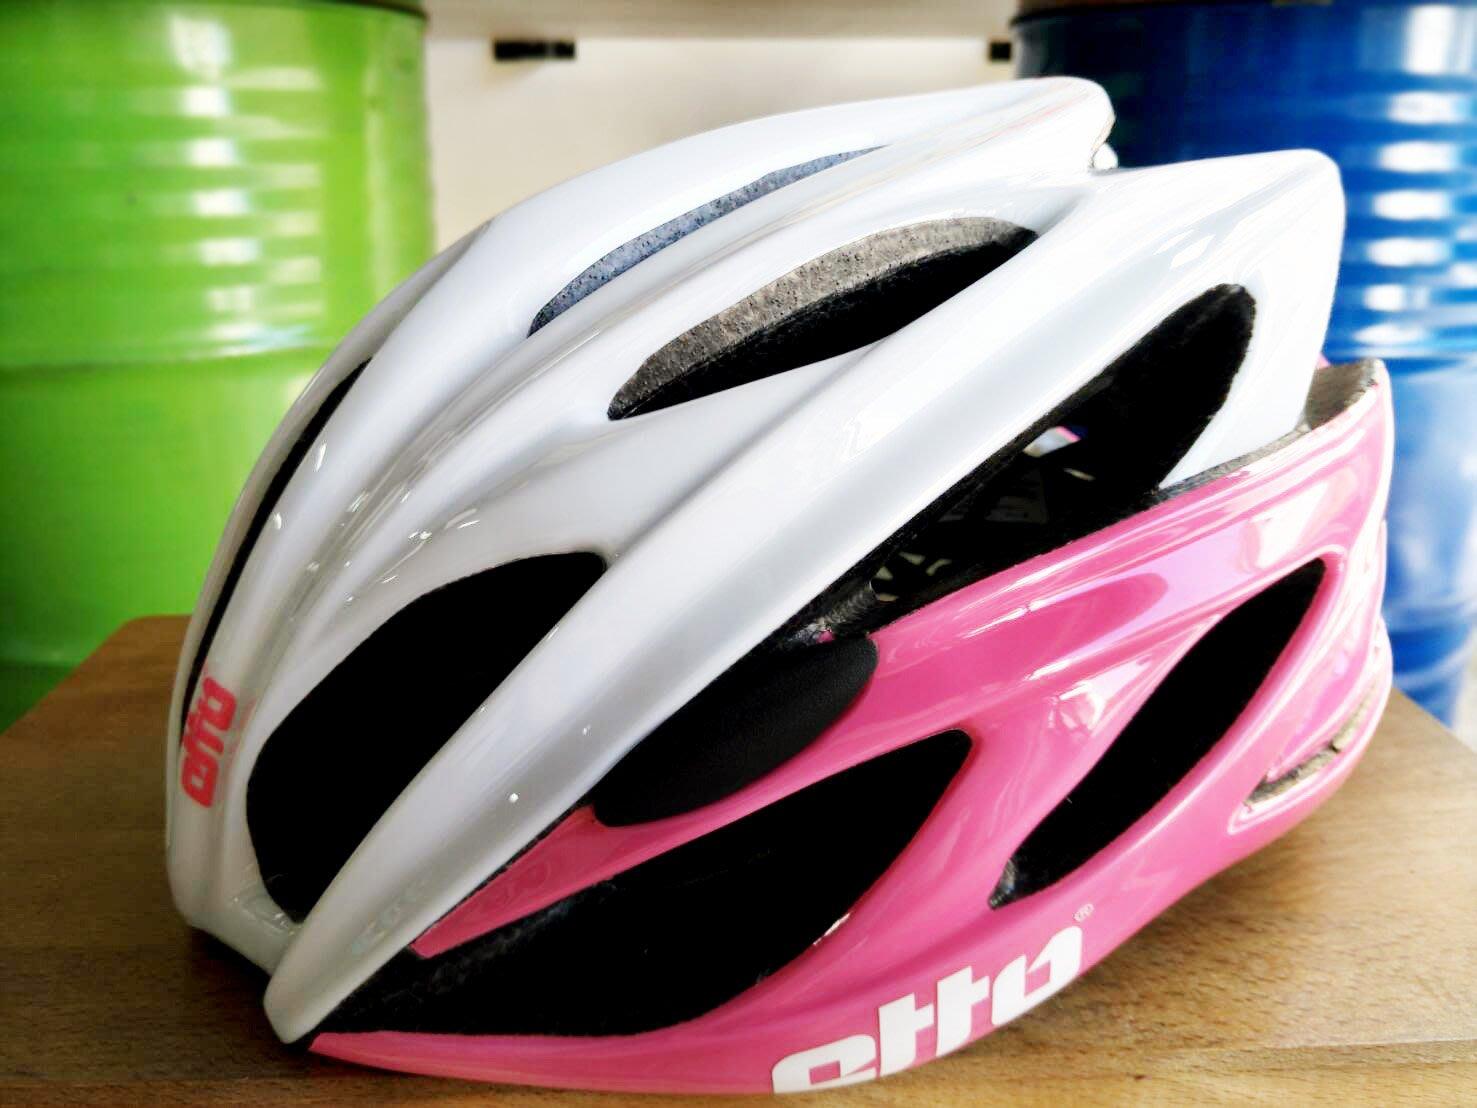 ~騎車趣~挪威 ETTO X6 自行車磁扣安全帽 白粉色 車帽 頭盔 贈舒士安全帽清潔噴劑